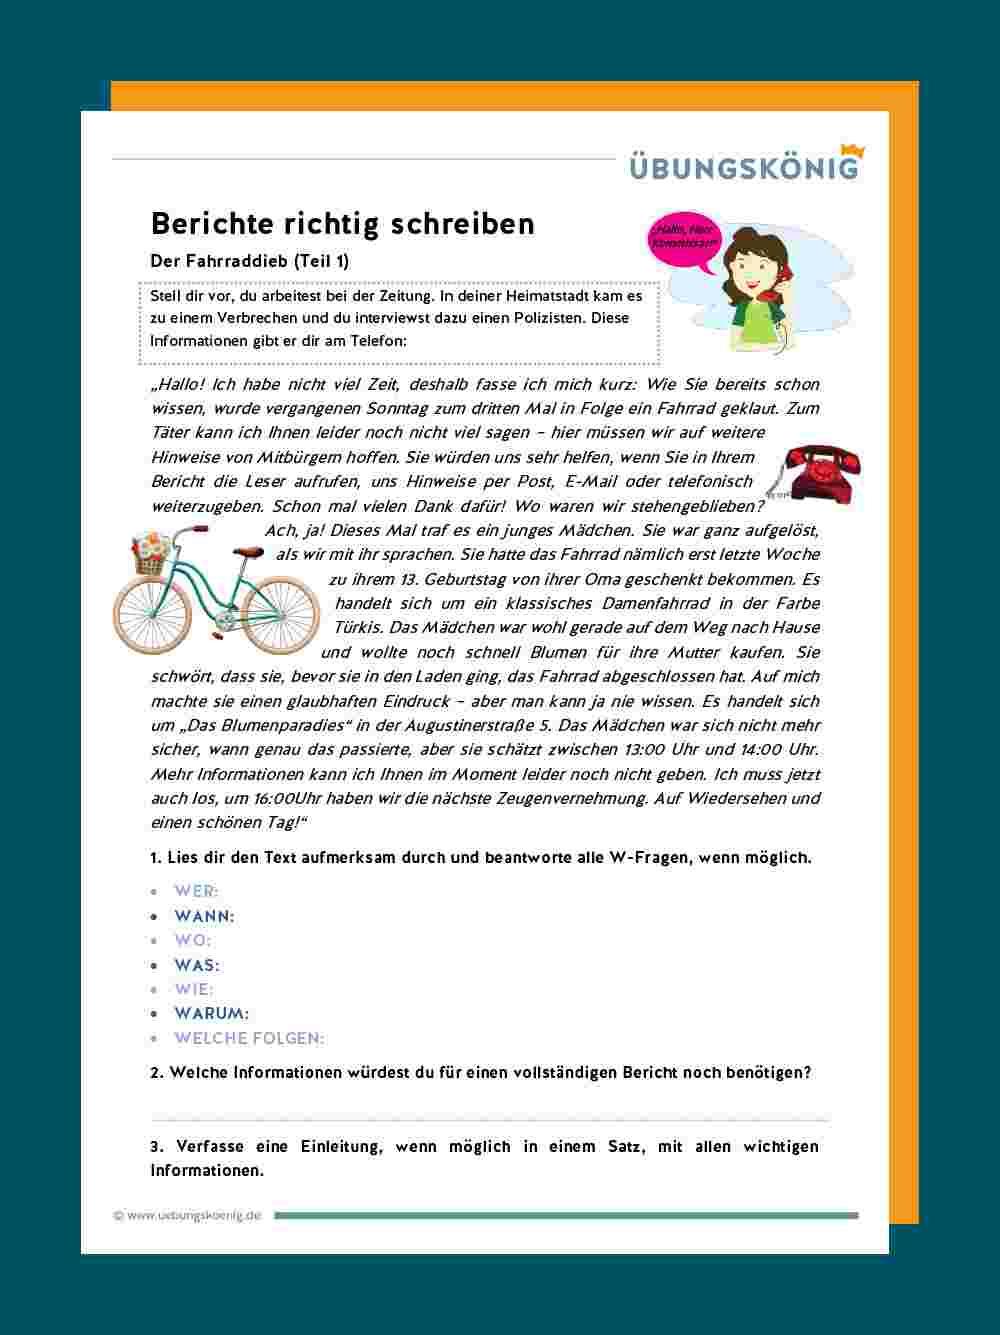 Bericht Schreiben ganzes Texte Verfassen Grundschule 4 Klasse